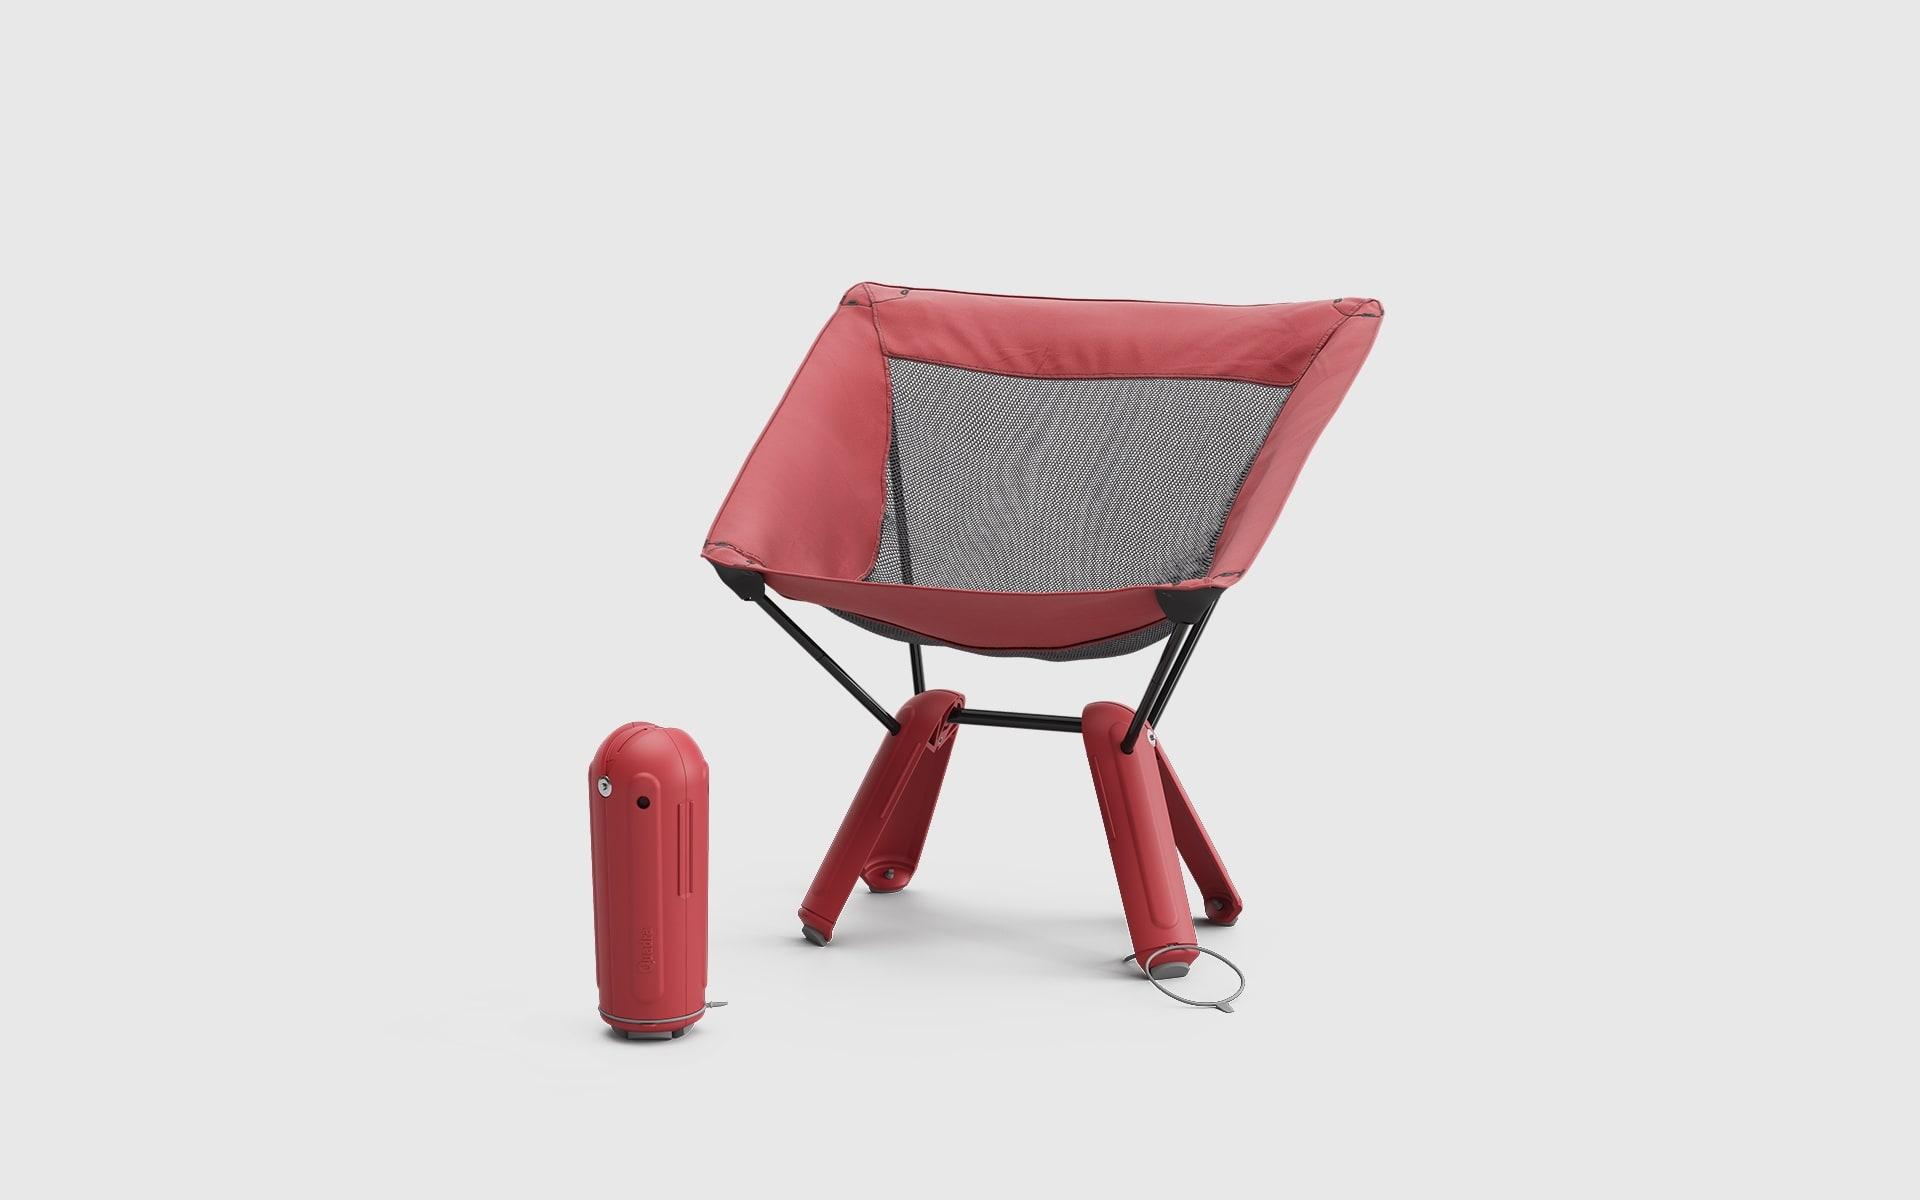 Roter Therm-a-Rest Quadra Camping-Stuhl von ITO Design, daneben ein zweiter Quadra Camping-Stuhl, der in seiner eigenen Basis verstaut ist